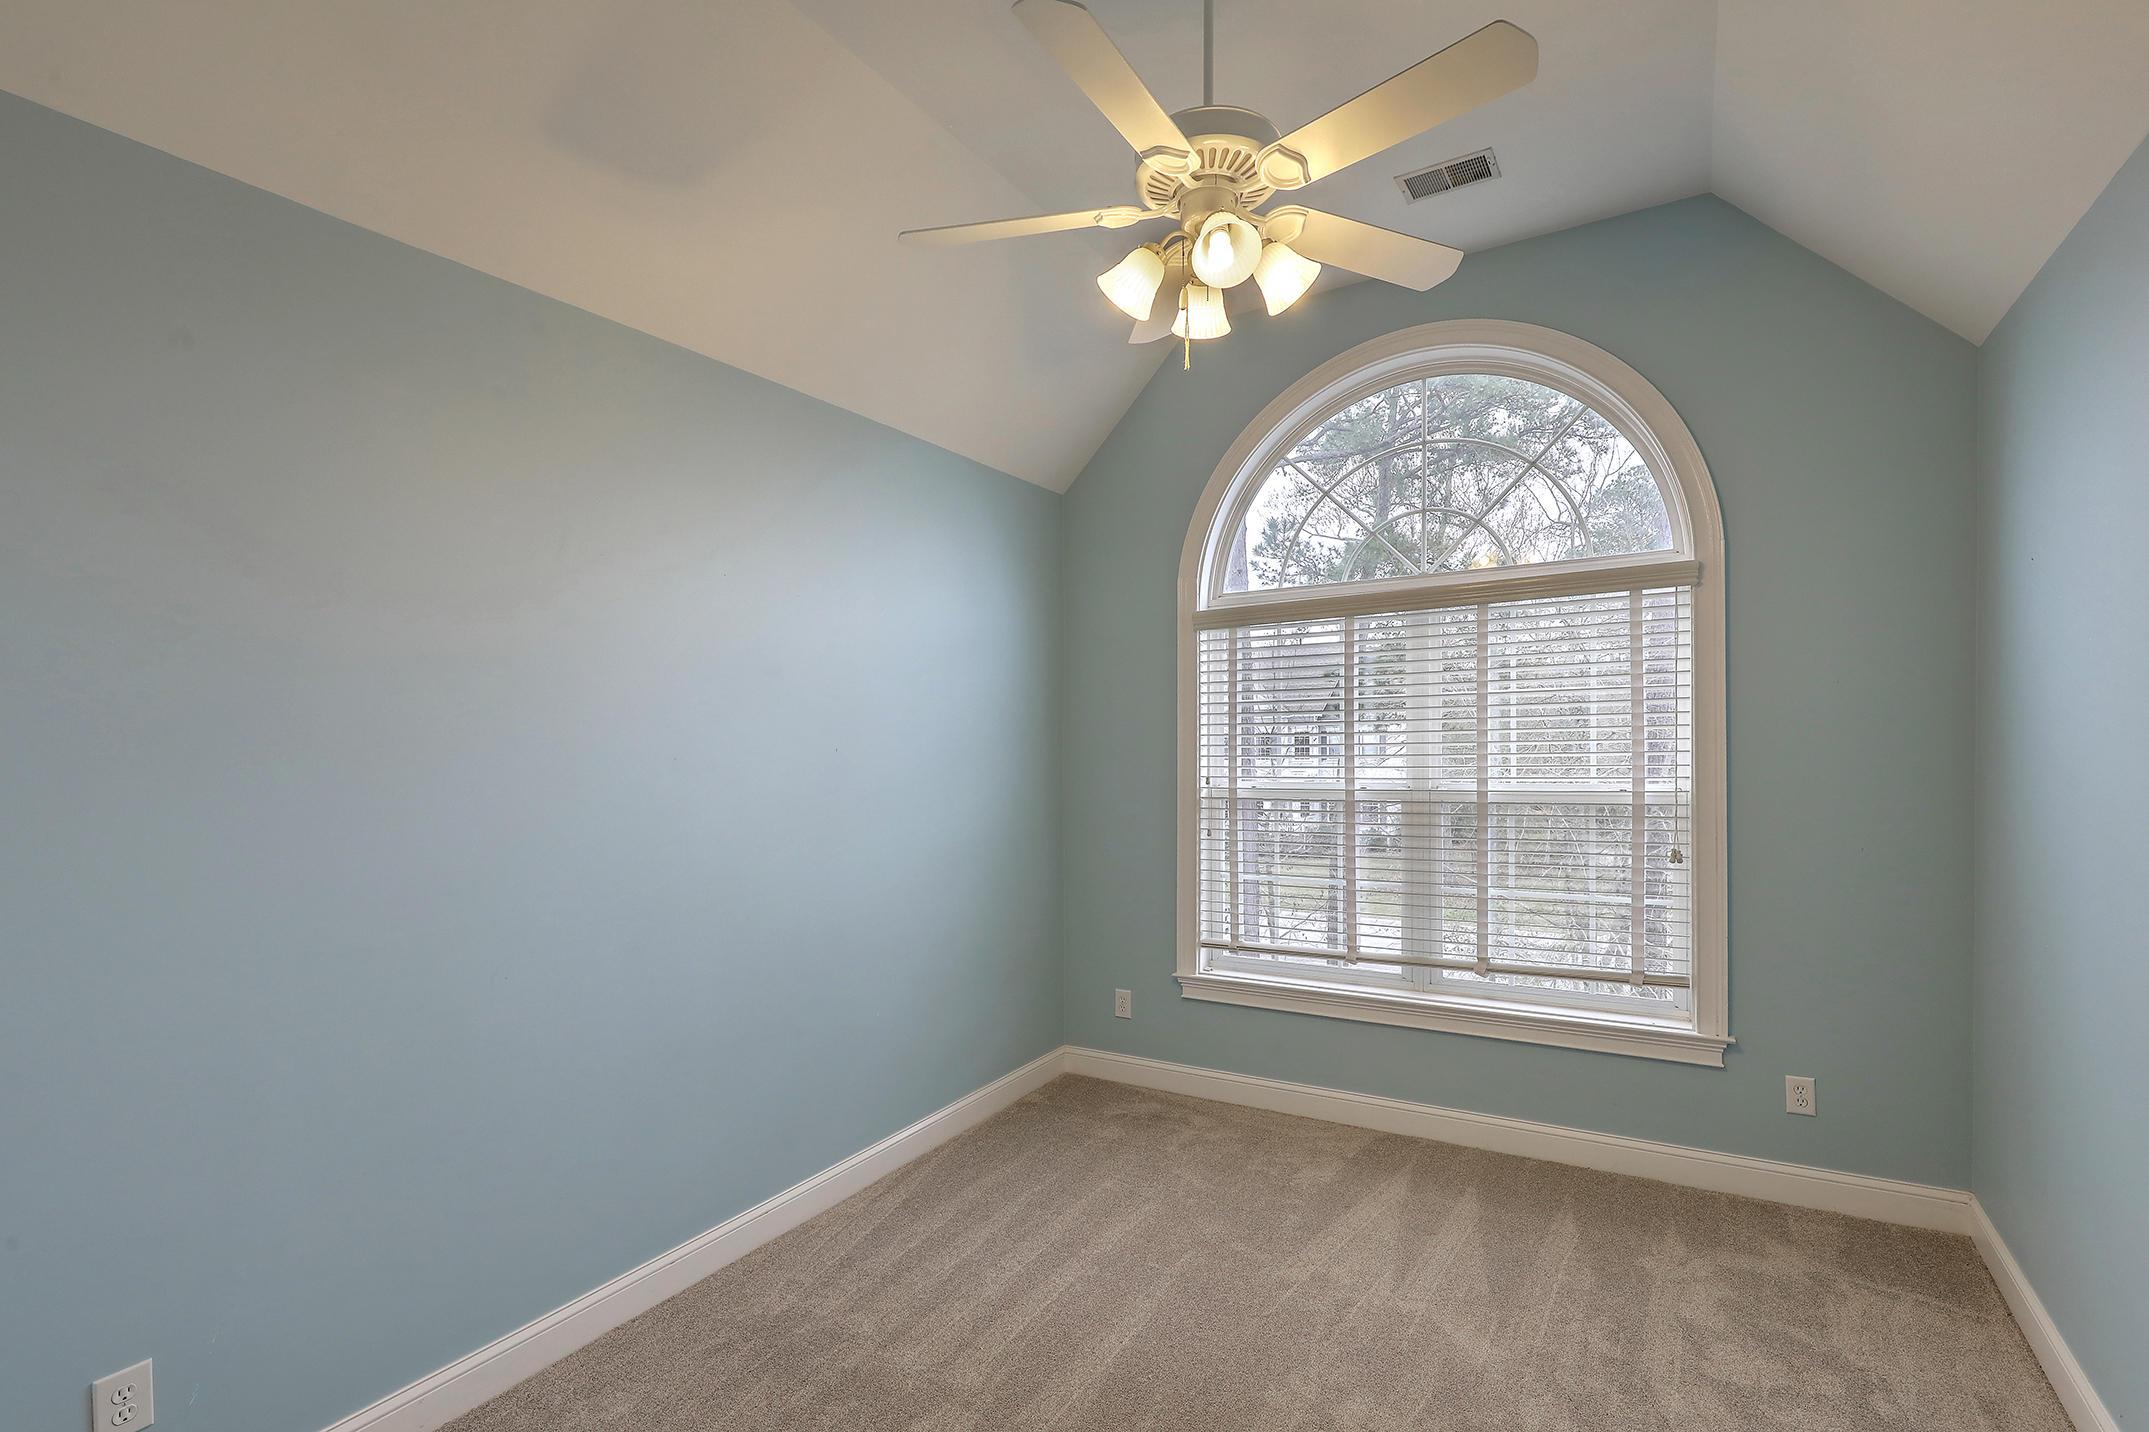 Dunes West Homes For Sale - 2817 Oak Manor, Mount Pleasant, SC - 40